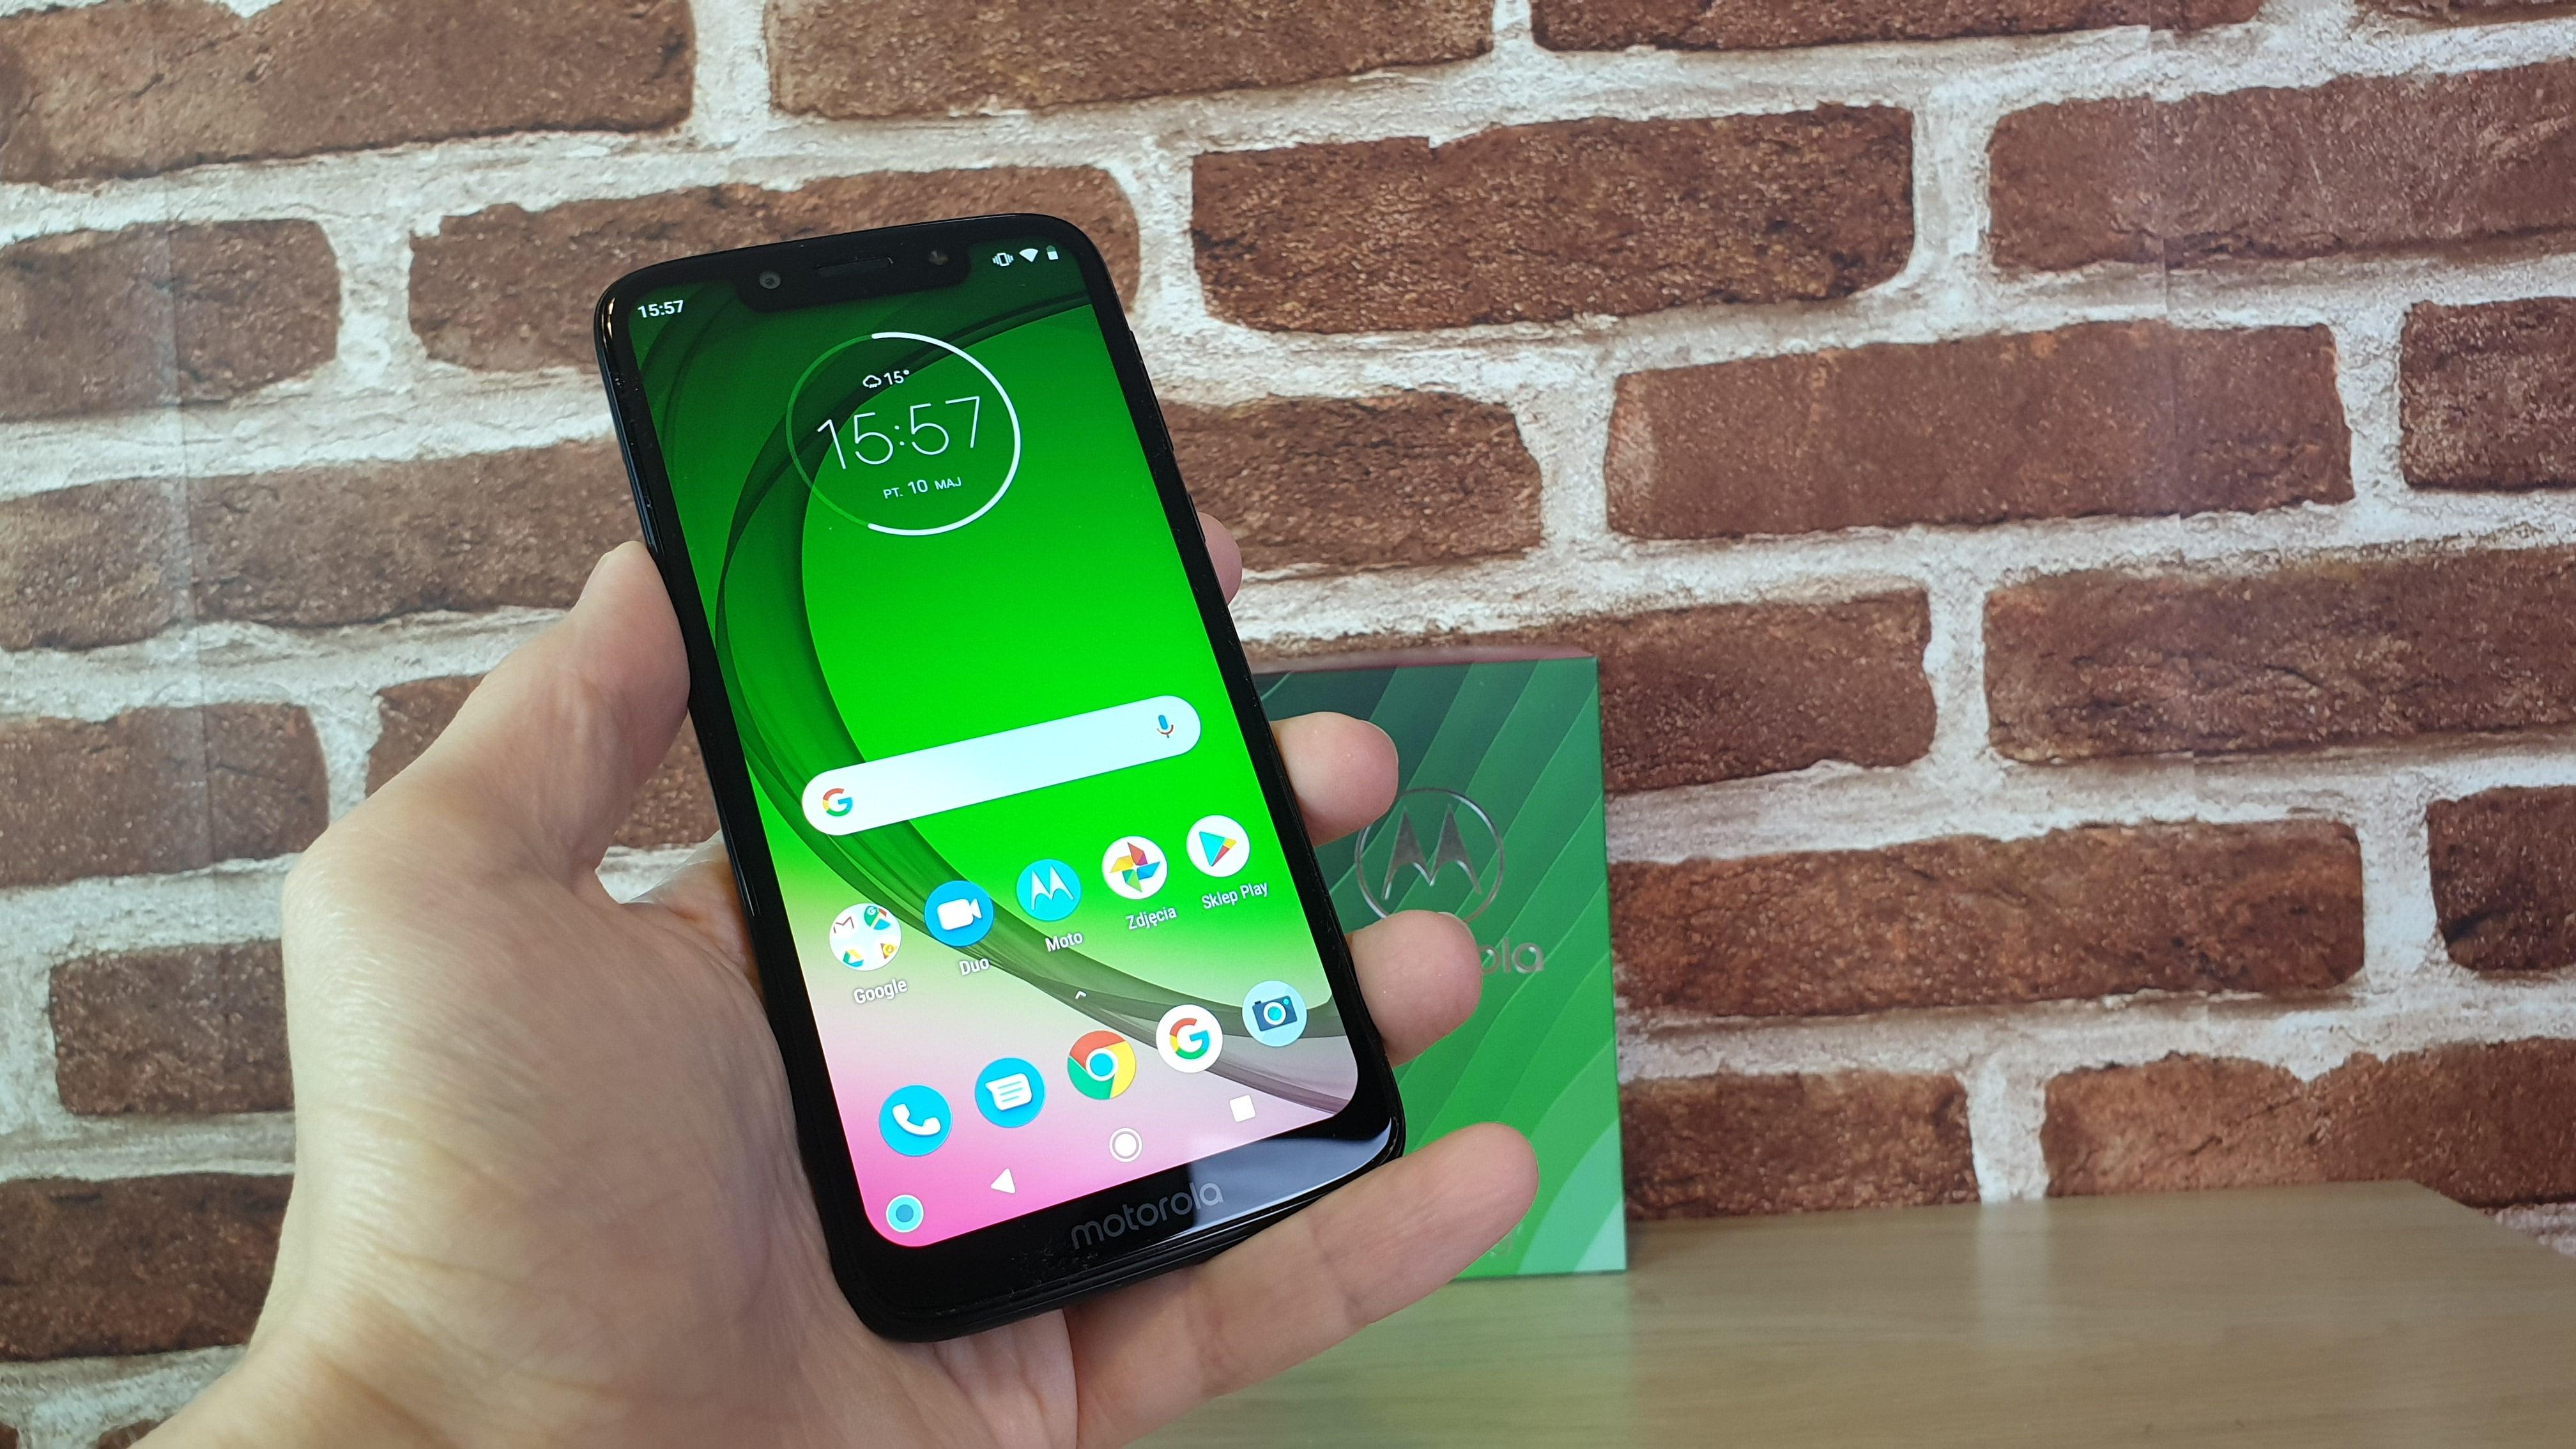 Recenzja Motoroli Moto G7 Play - czy to najlepszy smartfon do 700 złotych? 26